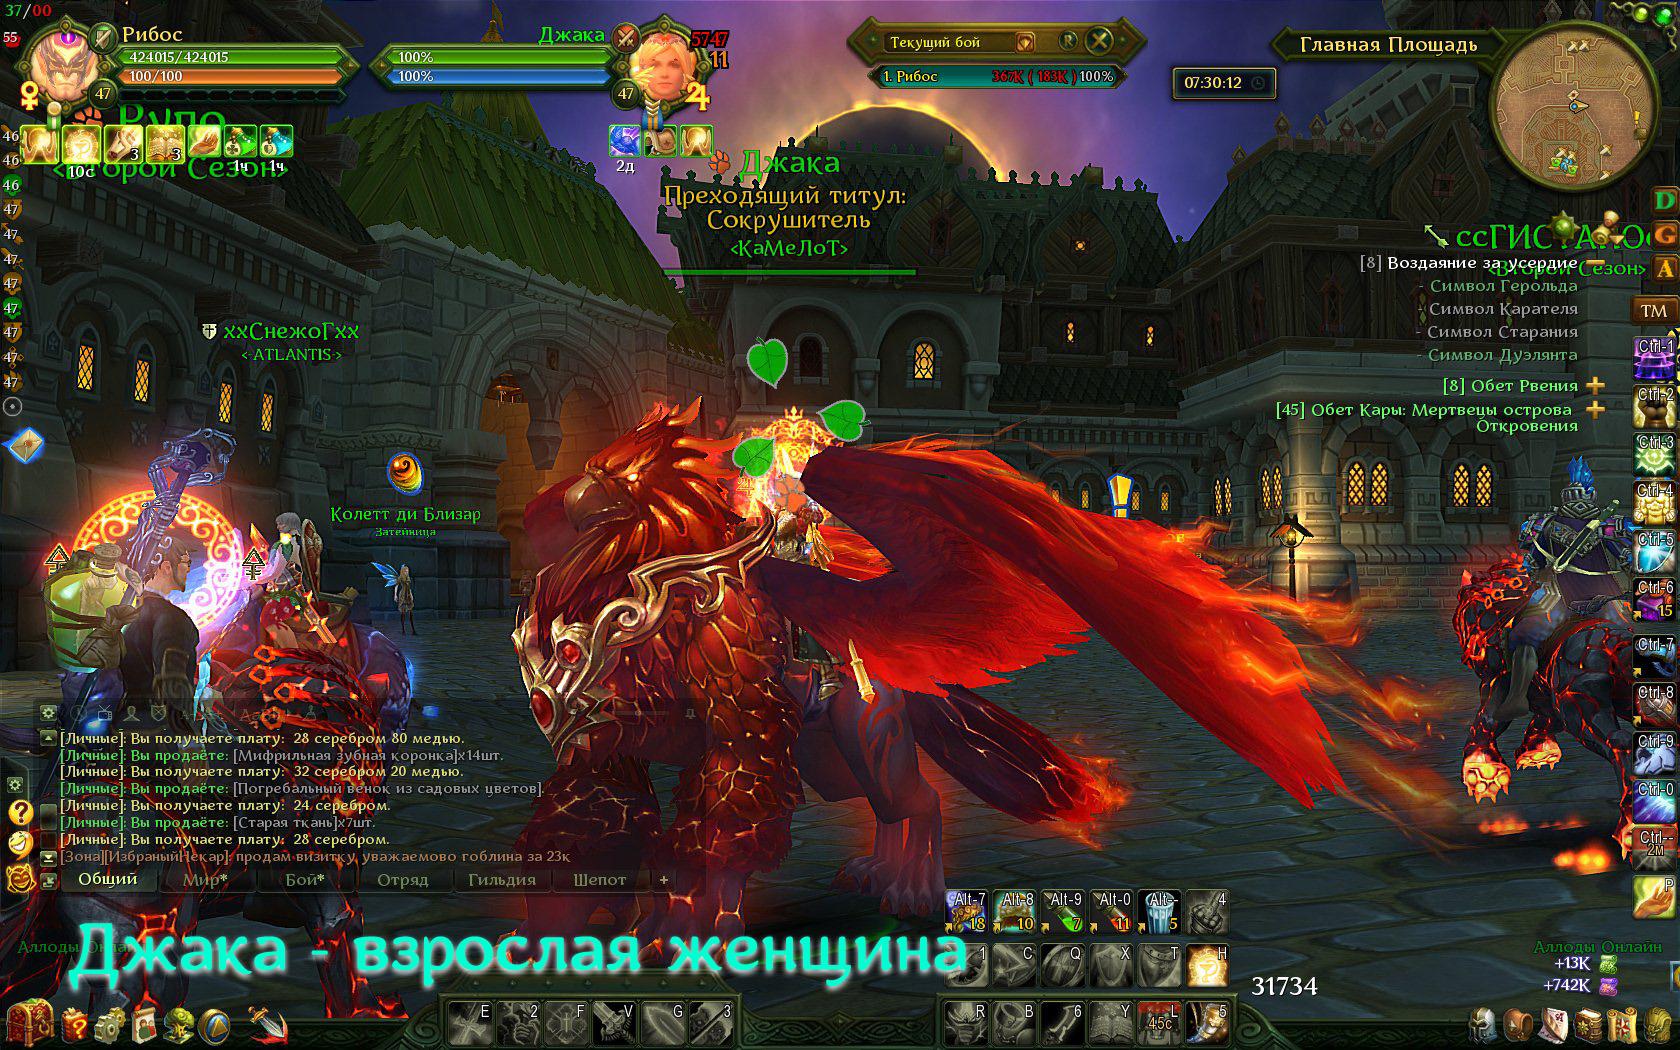 http://alfa-flame.narod.ru/userbars/jaka.jpg